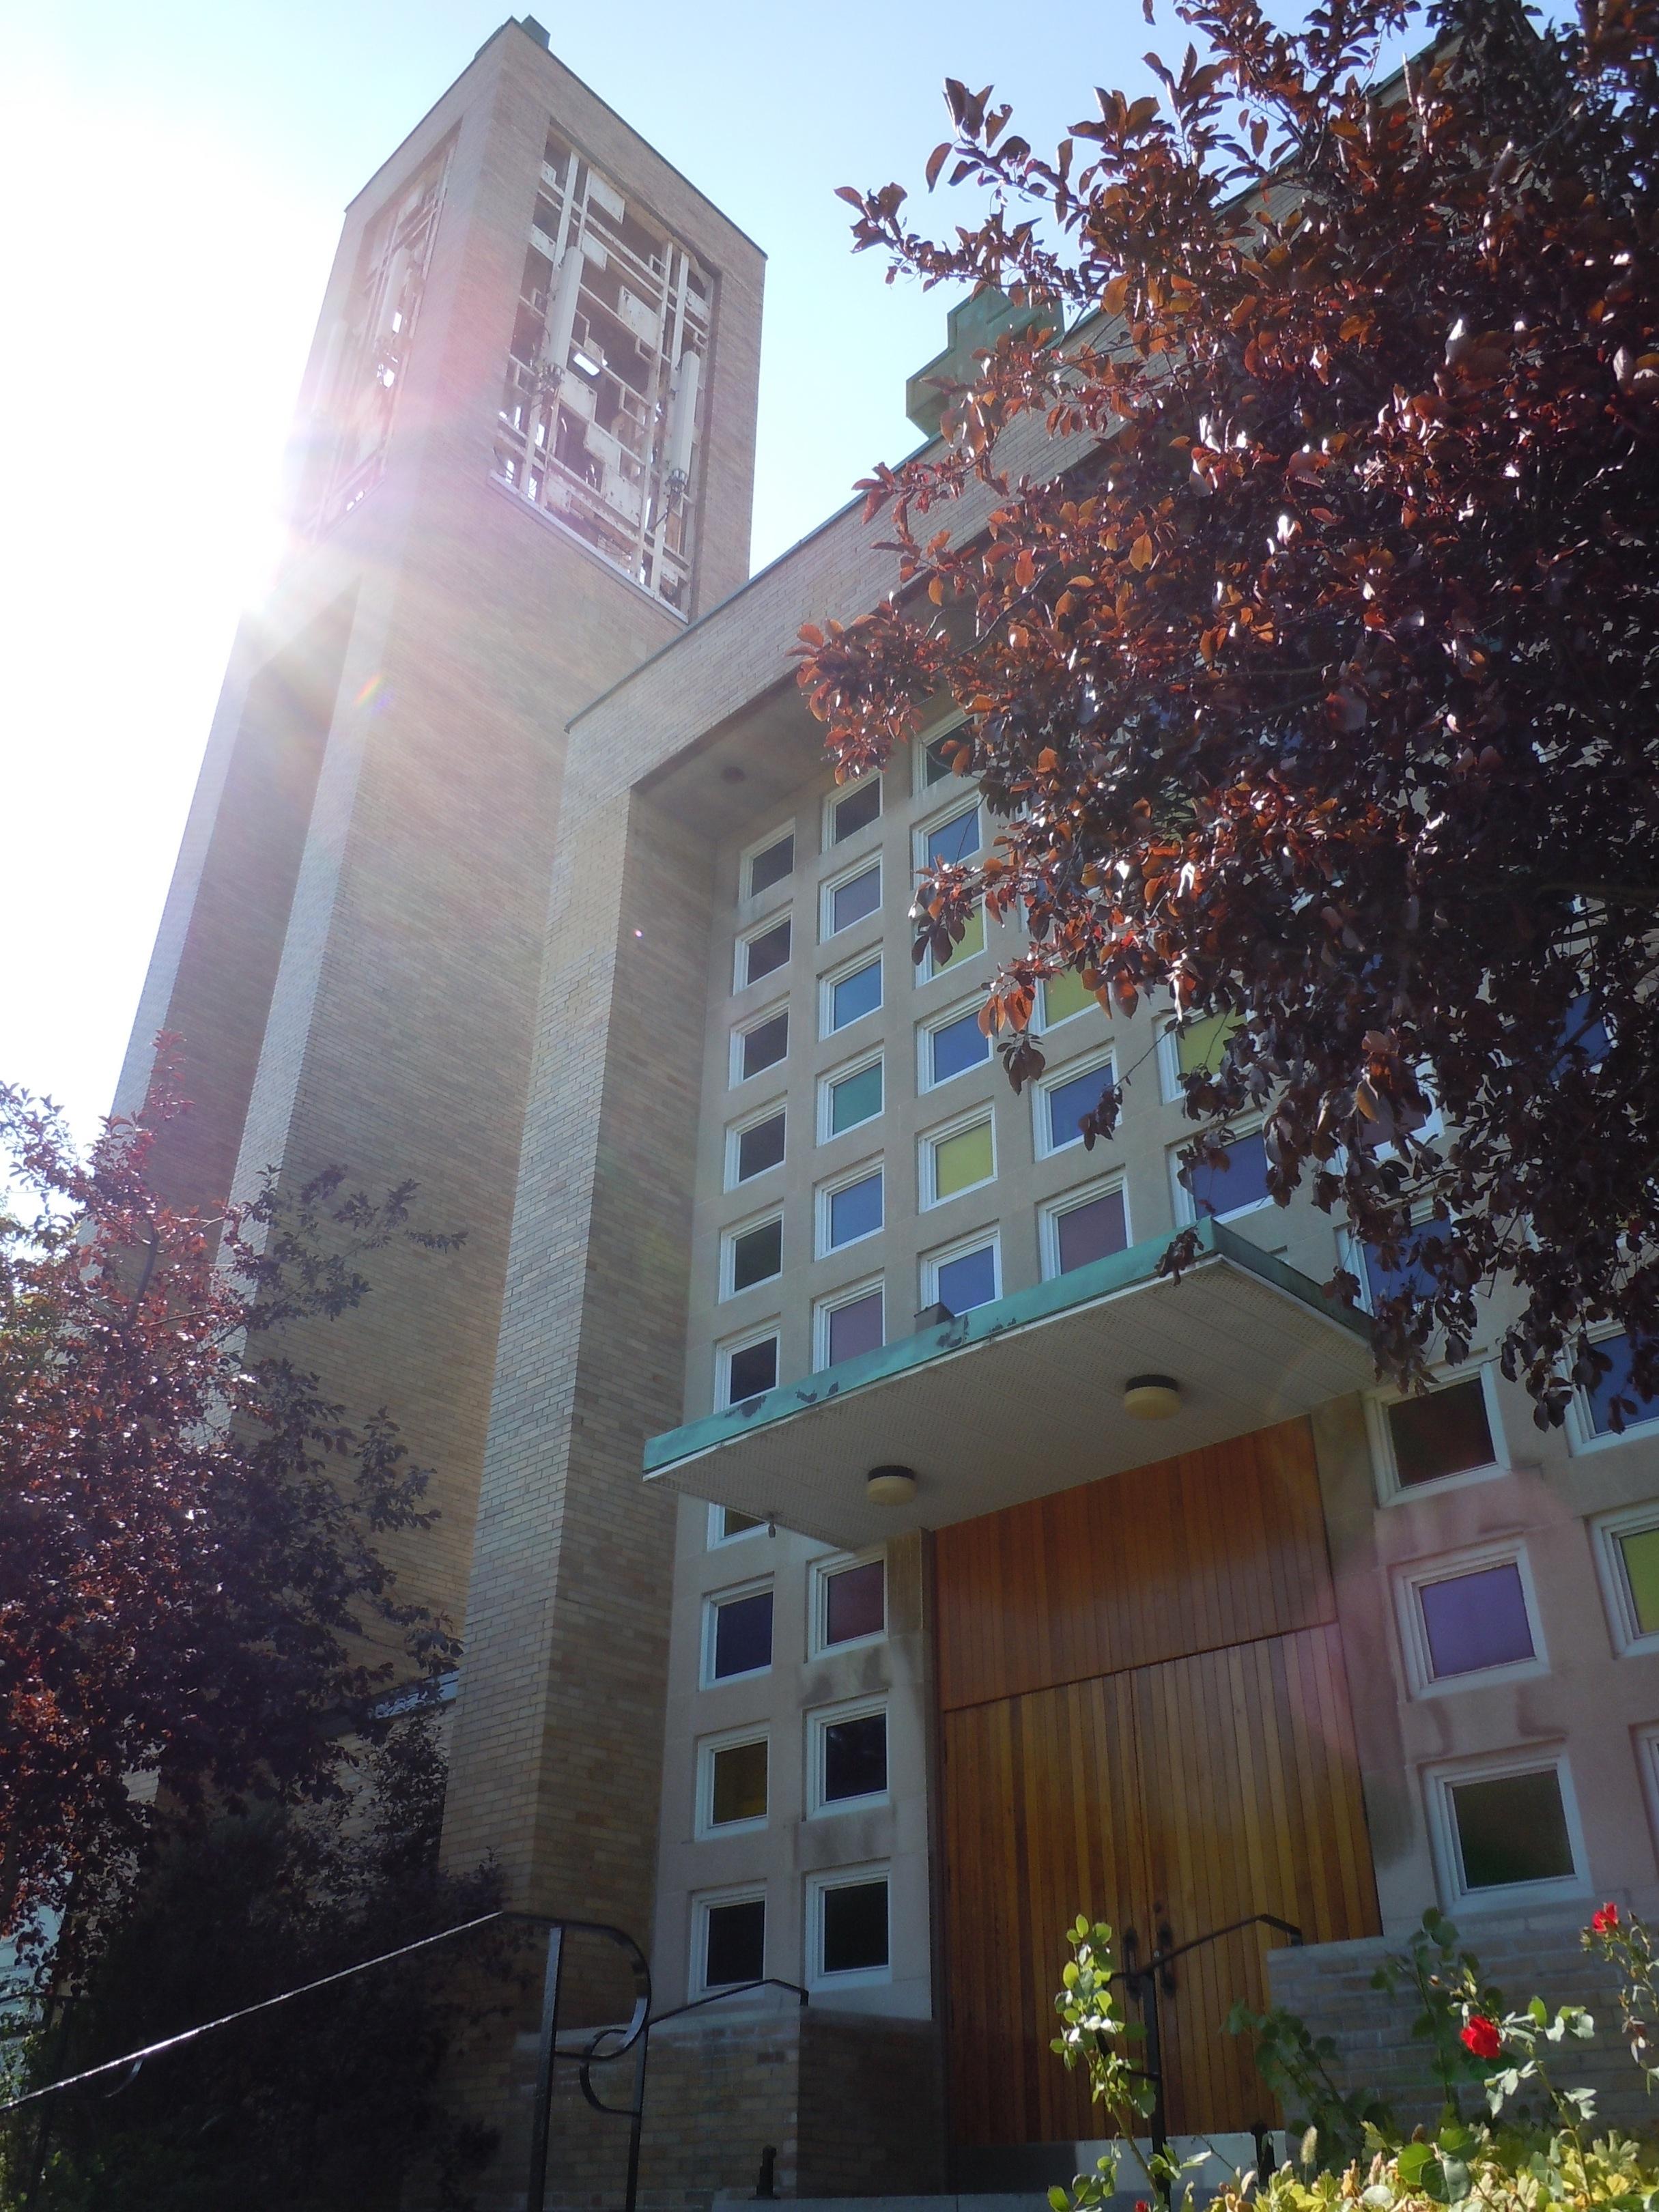 Église St-Albert-le-Grand des Dominicains